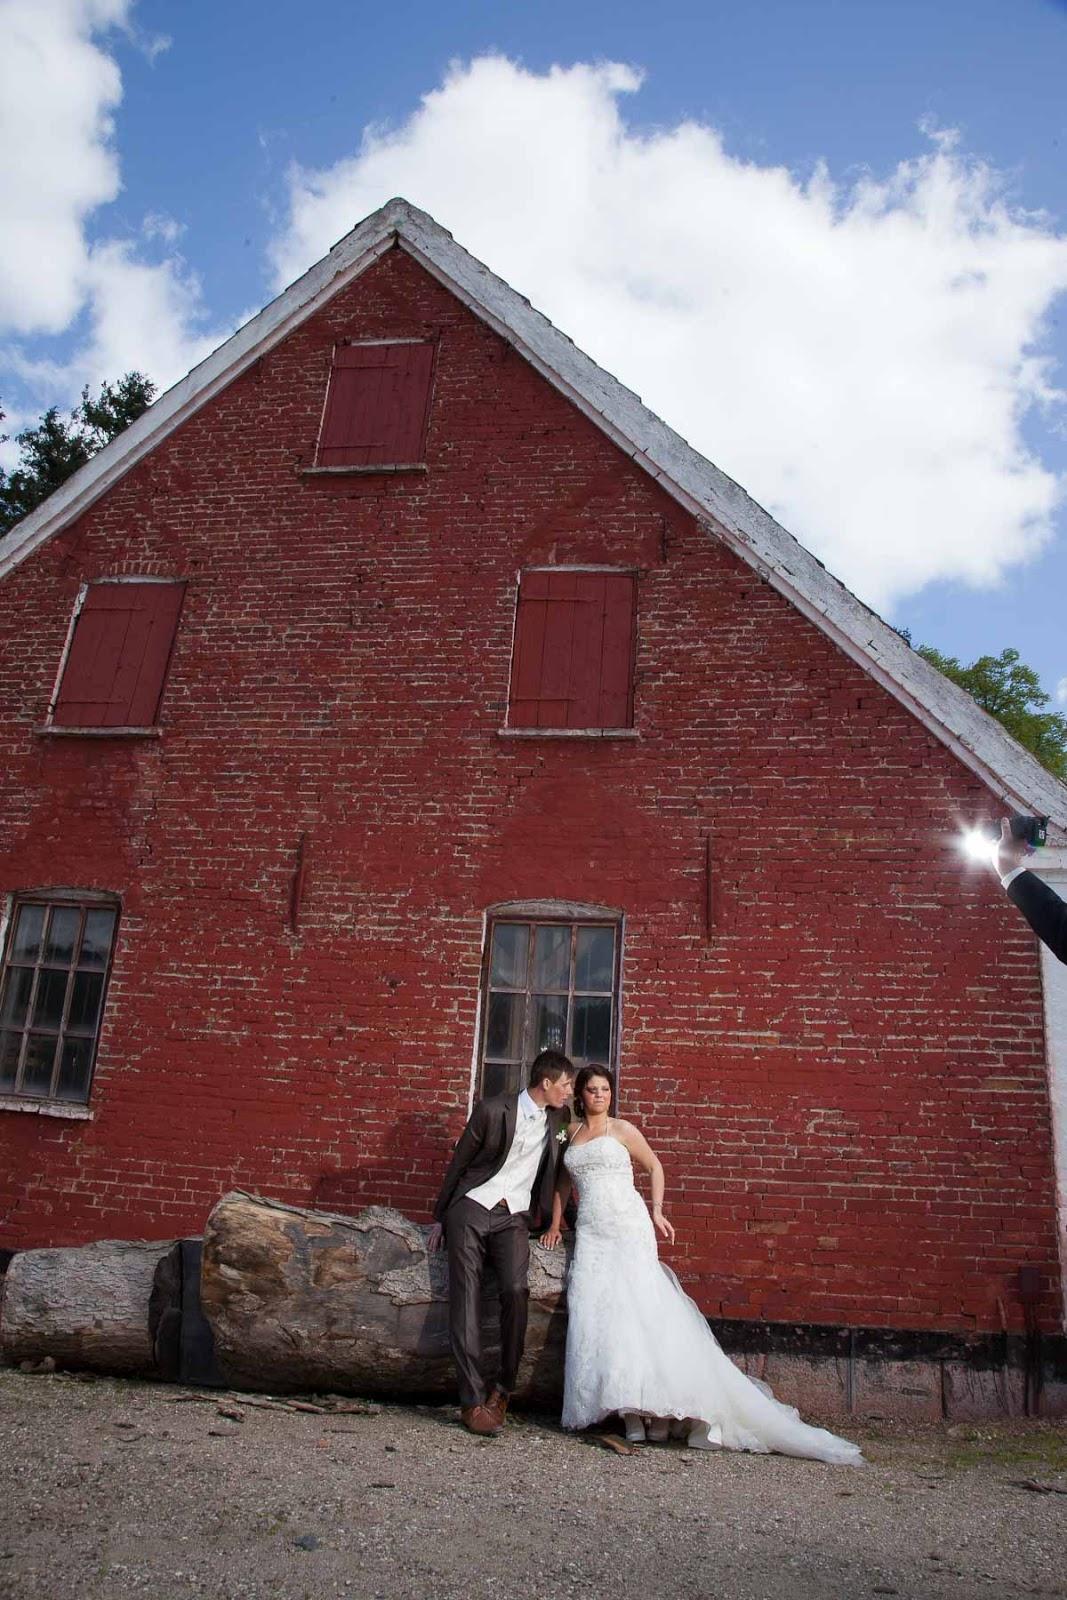 cd429f7e Sørg for, at den fotograf du hyre til dit bryllup. Du ønsker ikke at have  nogen tager bryllup fotos, der er taget for, at du ender med ikke at bryde.